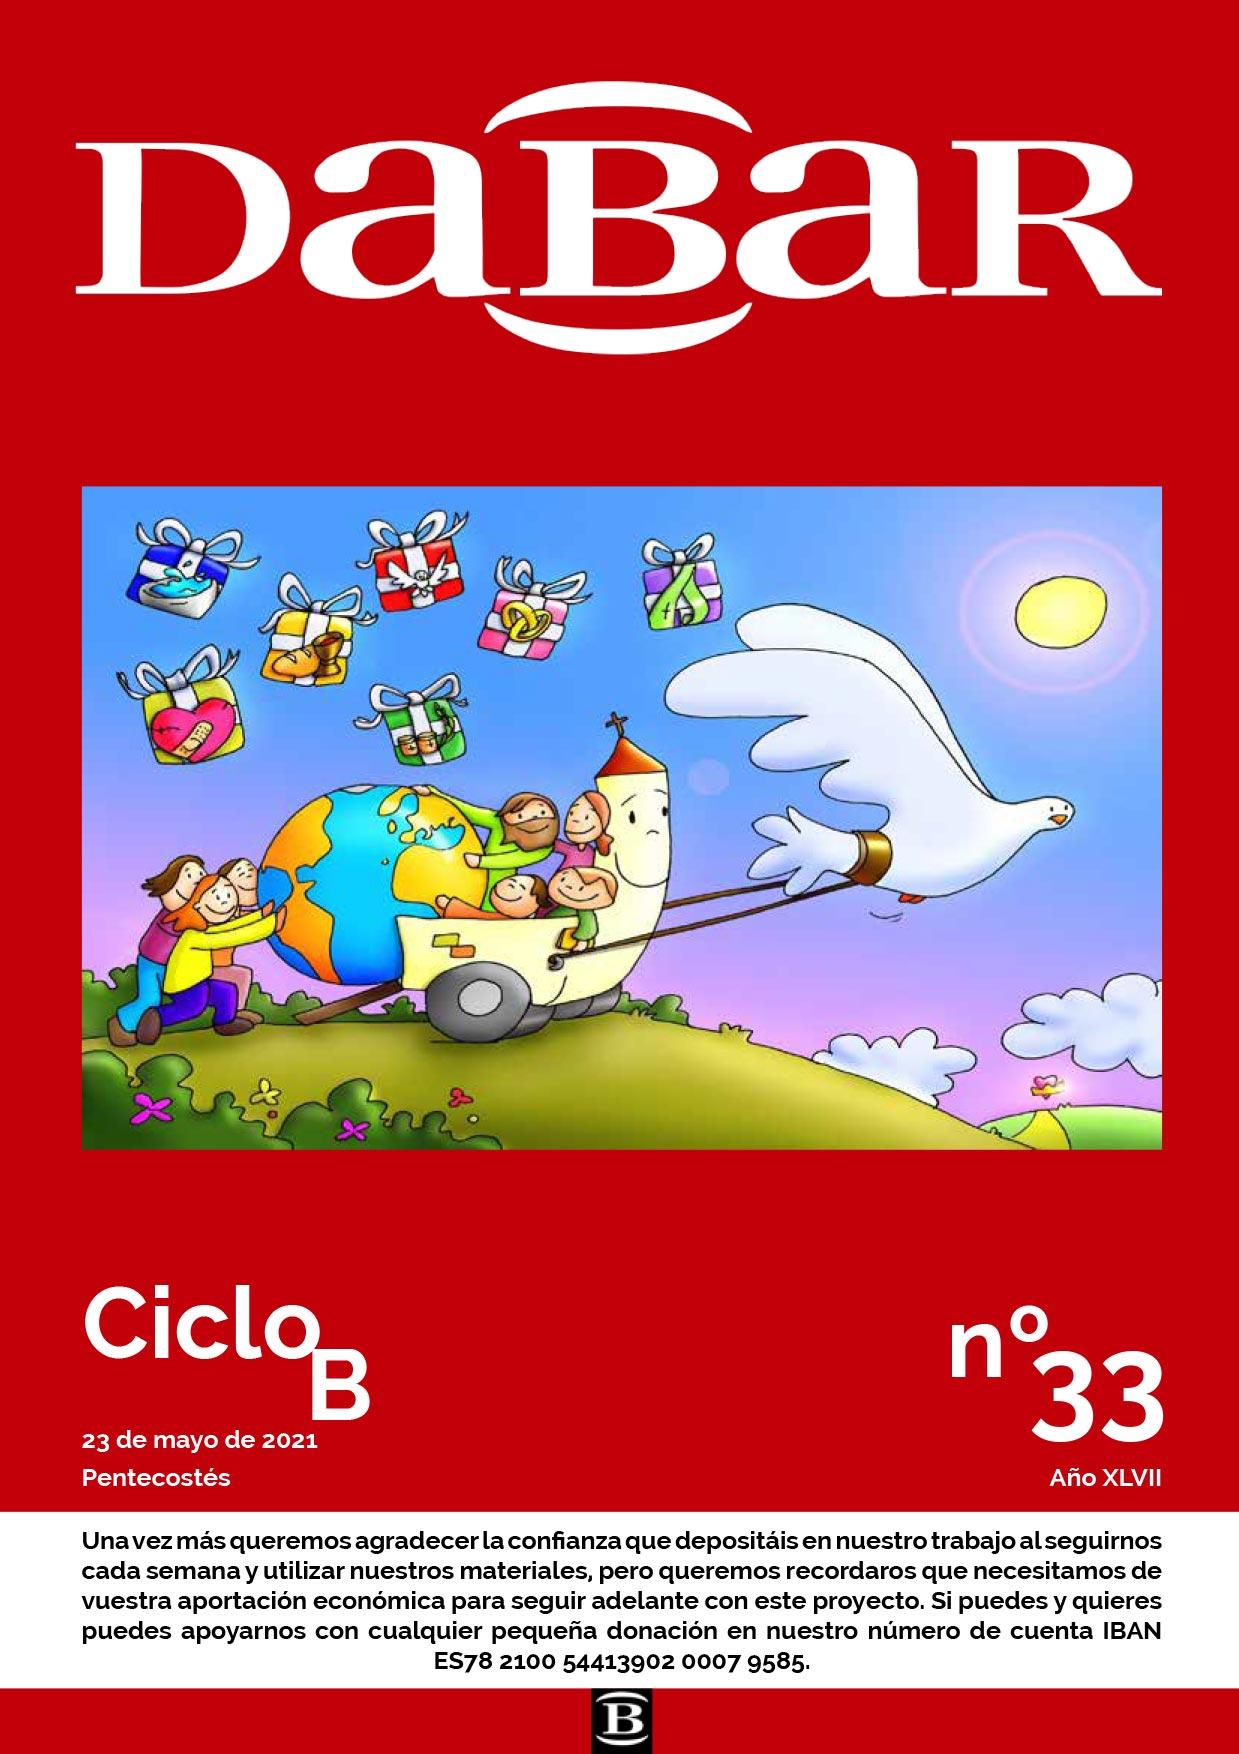 Dabar Revista número 33 ciclo B